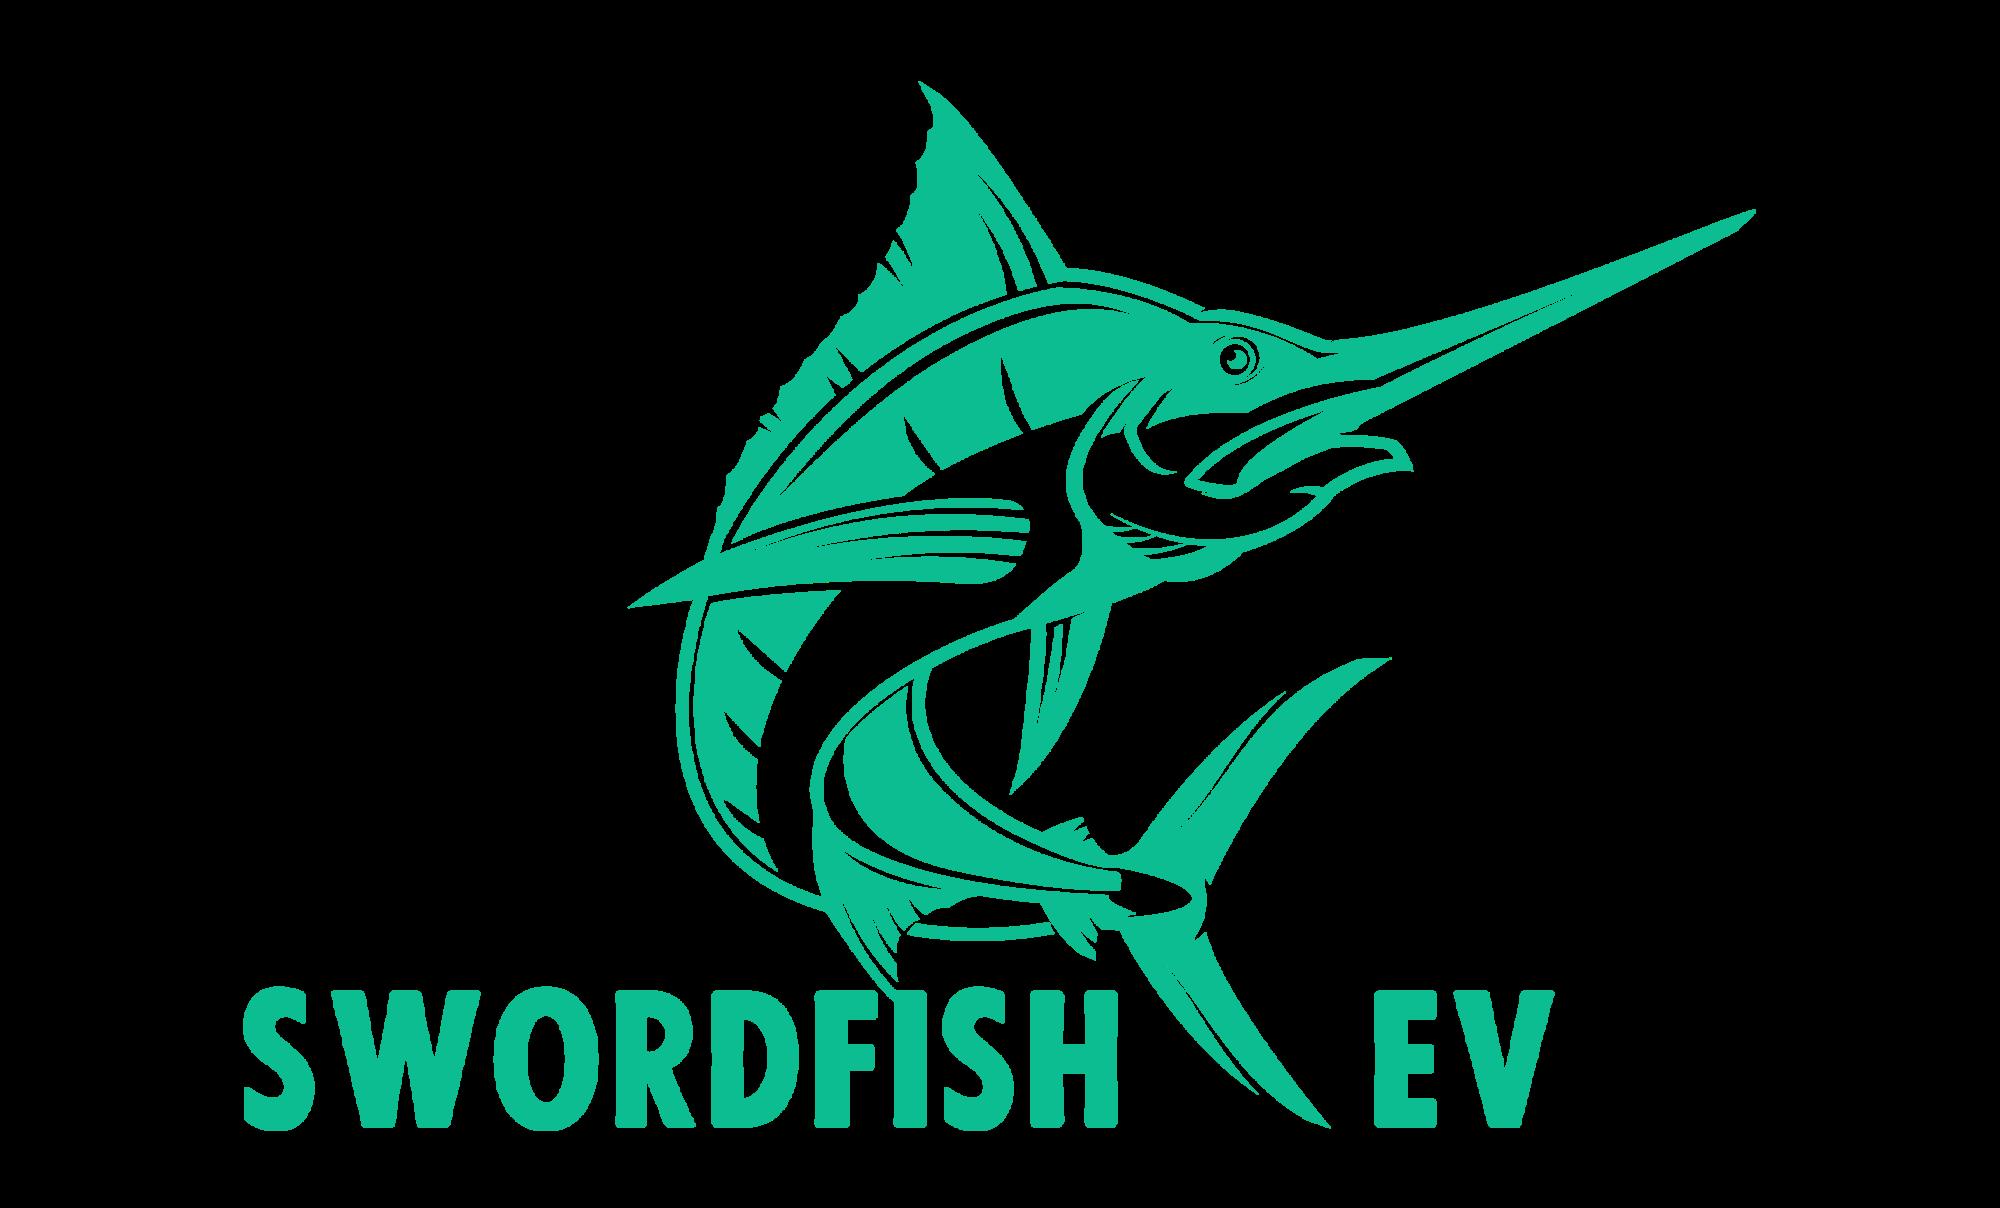 Swordfish EV